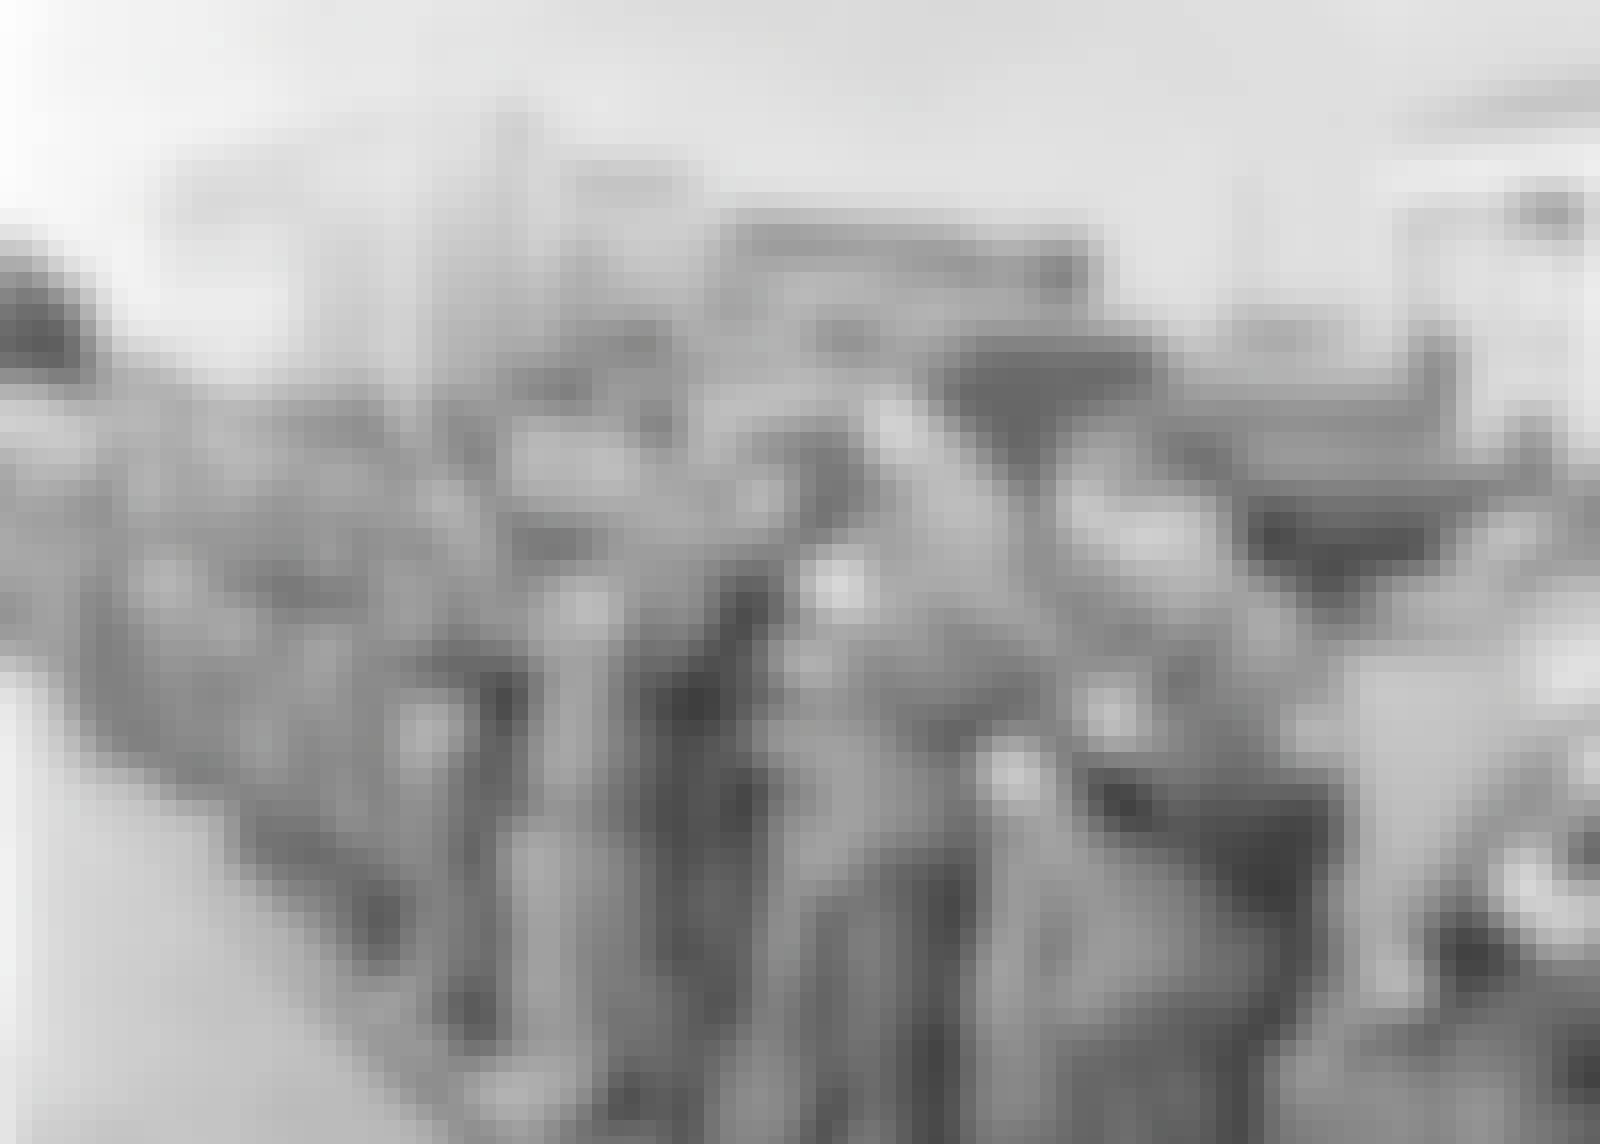 Østtyske soldater i 1961 fungerer som Berlinmur